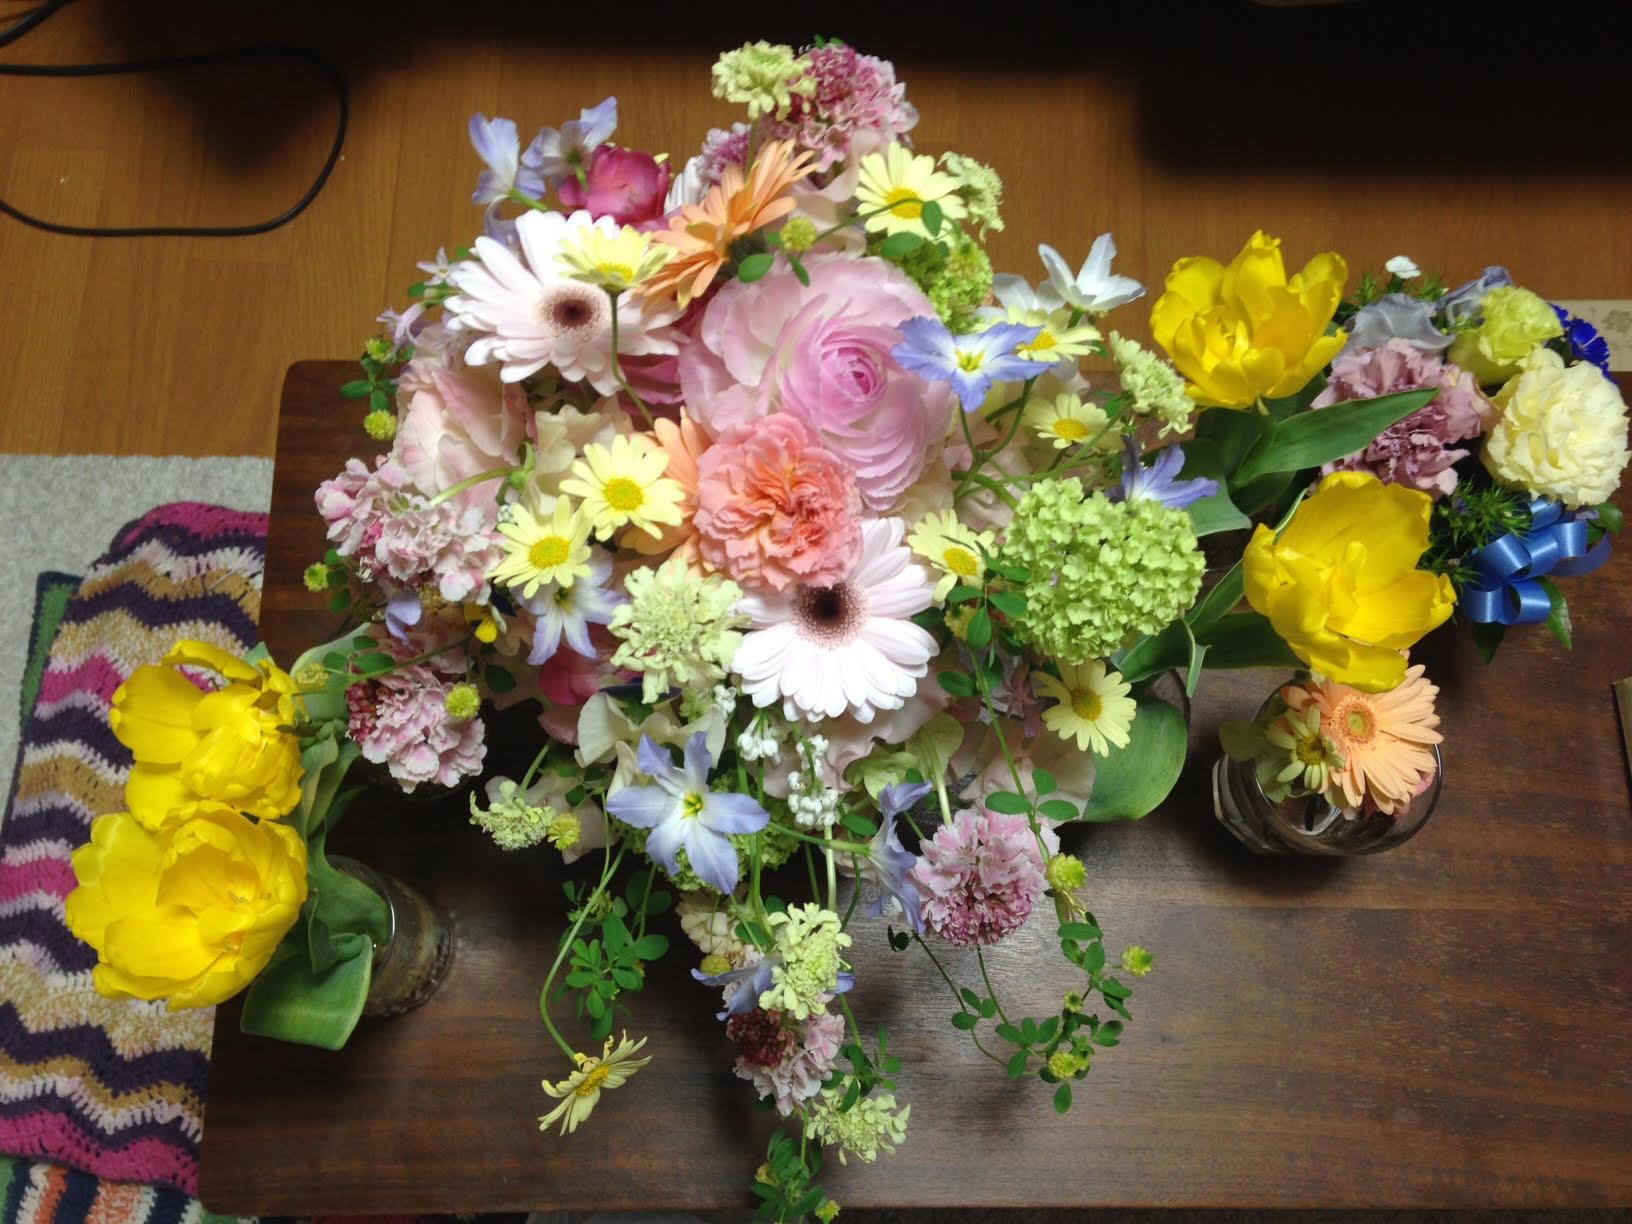 新郎新婦様からのメール 春の装花と春のブーケ サンス・エ・サヴール様へ_a0042928_22405214.jpg